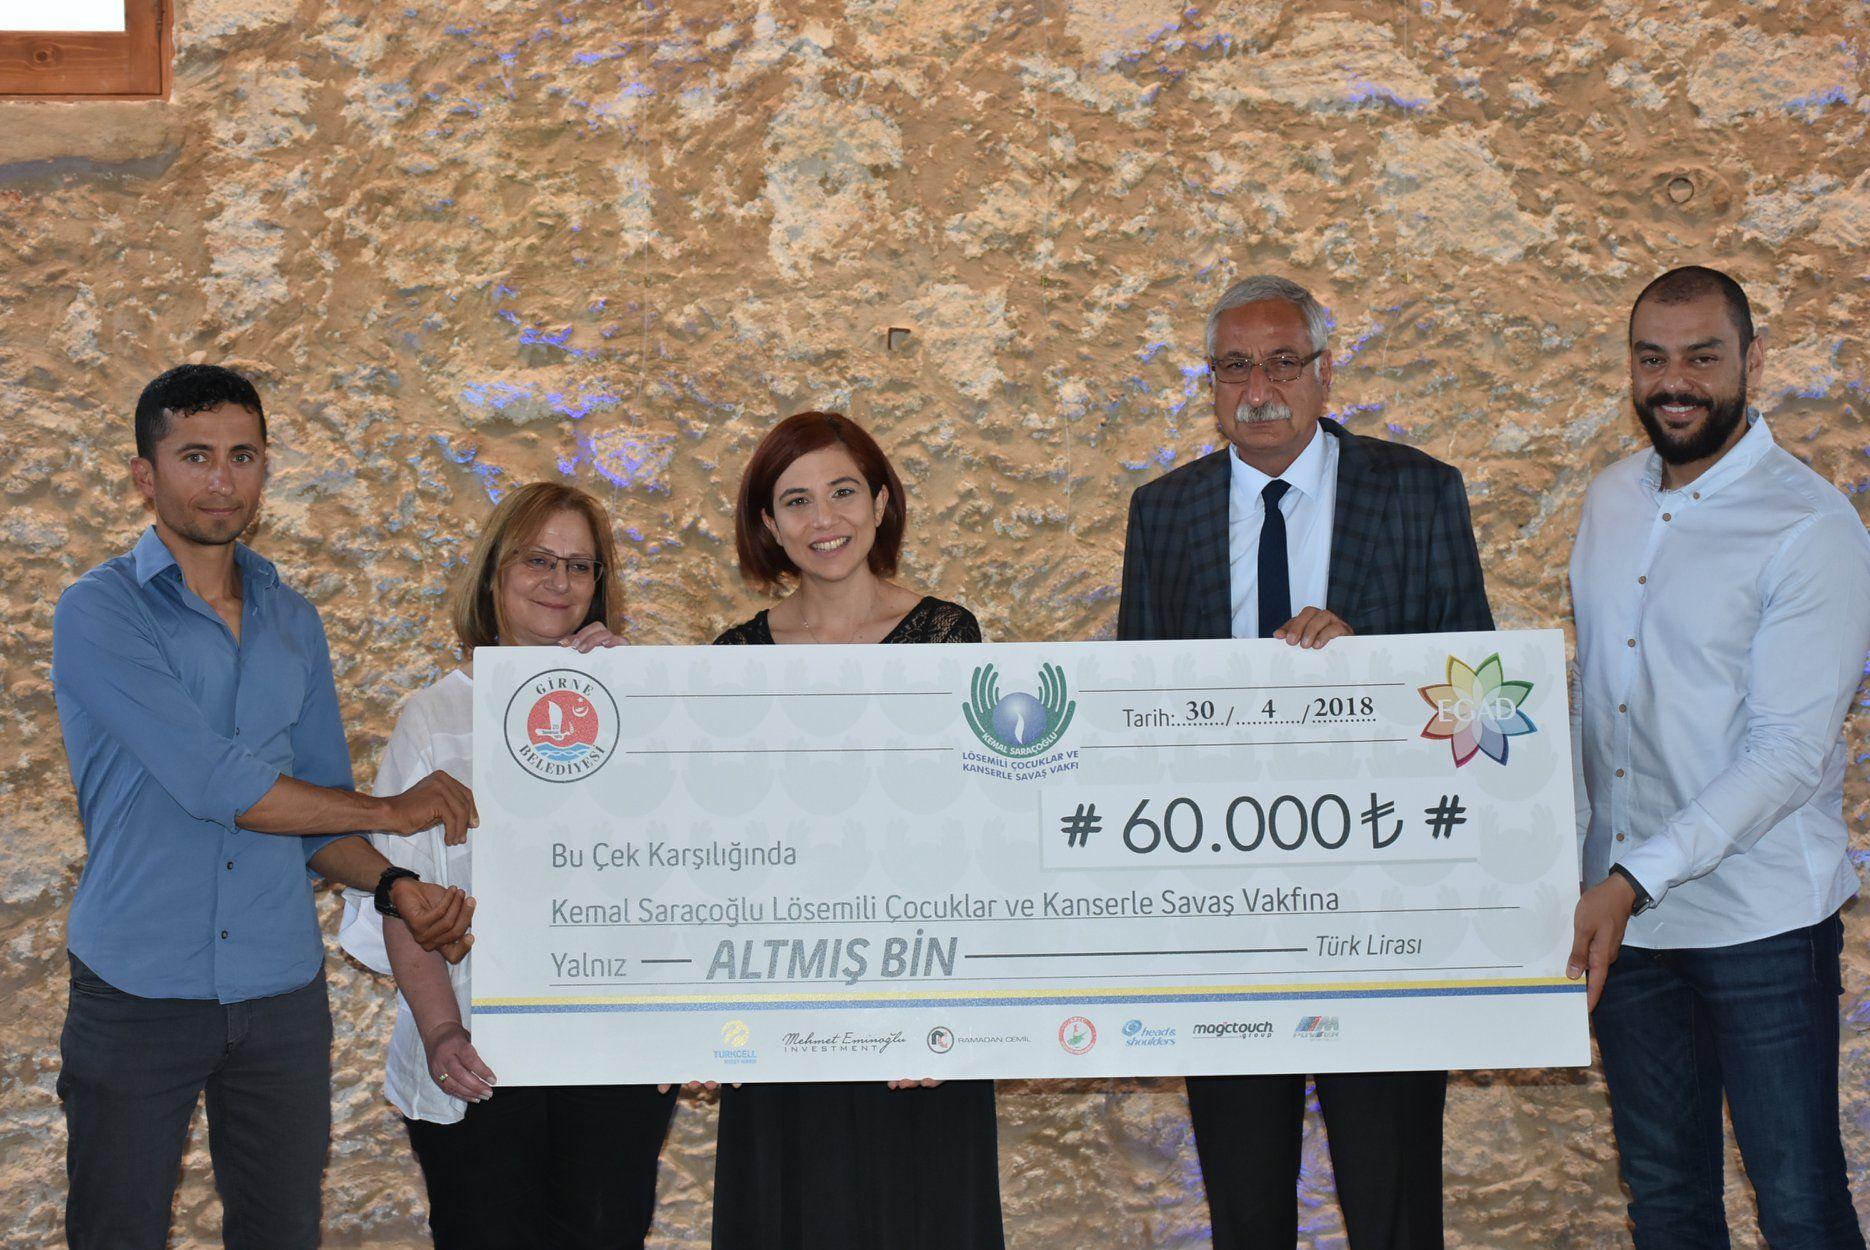 60 тысяч лир для онко-больных детей